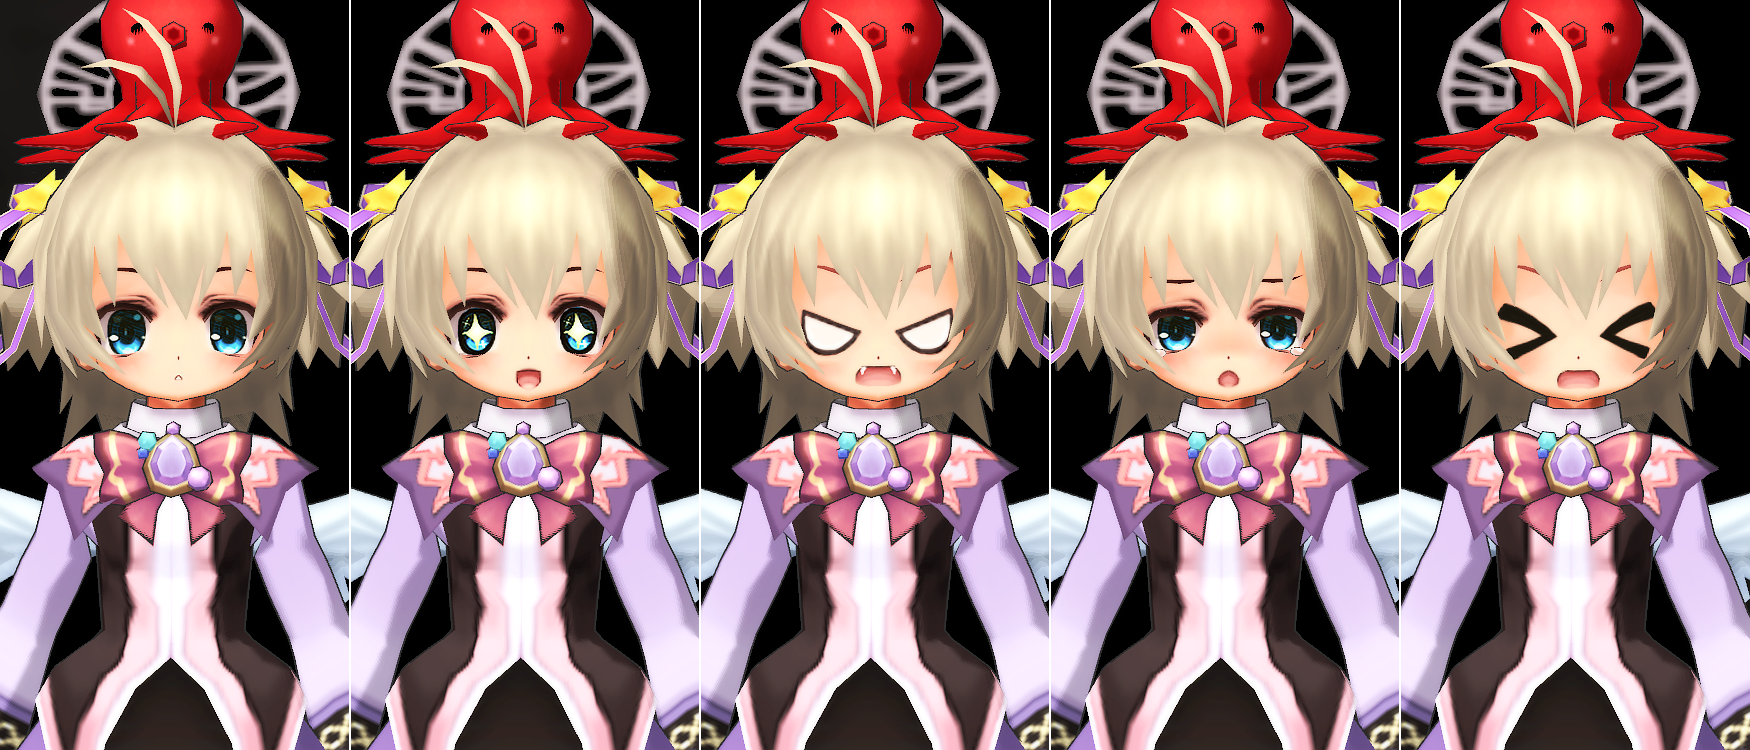 ベア・アルマ顔の表情